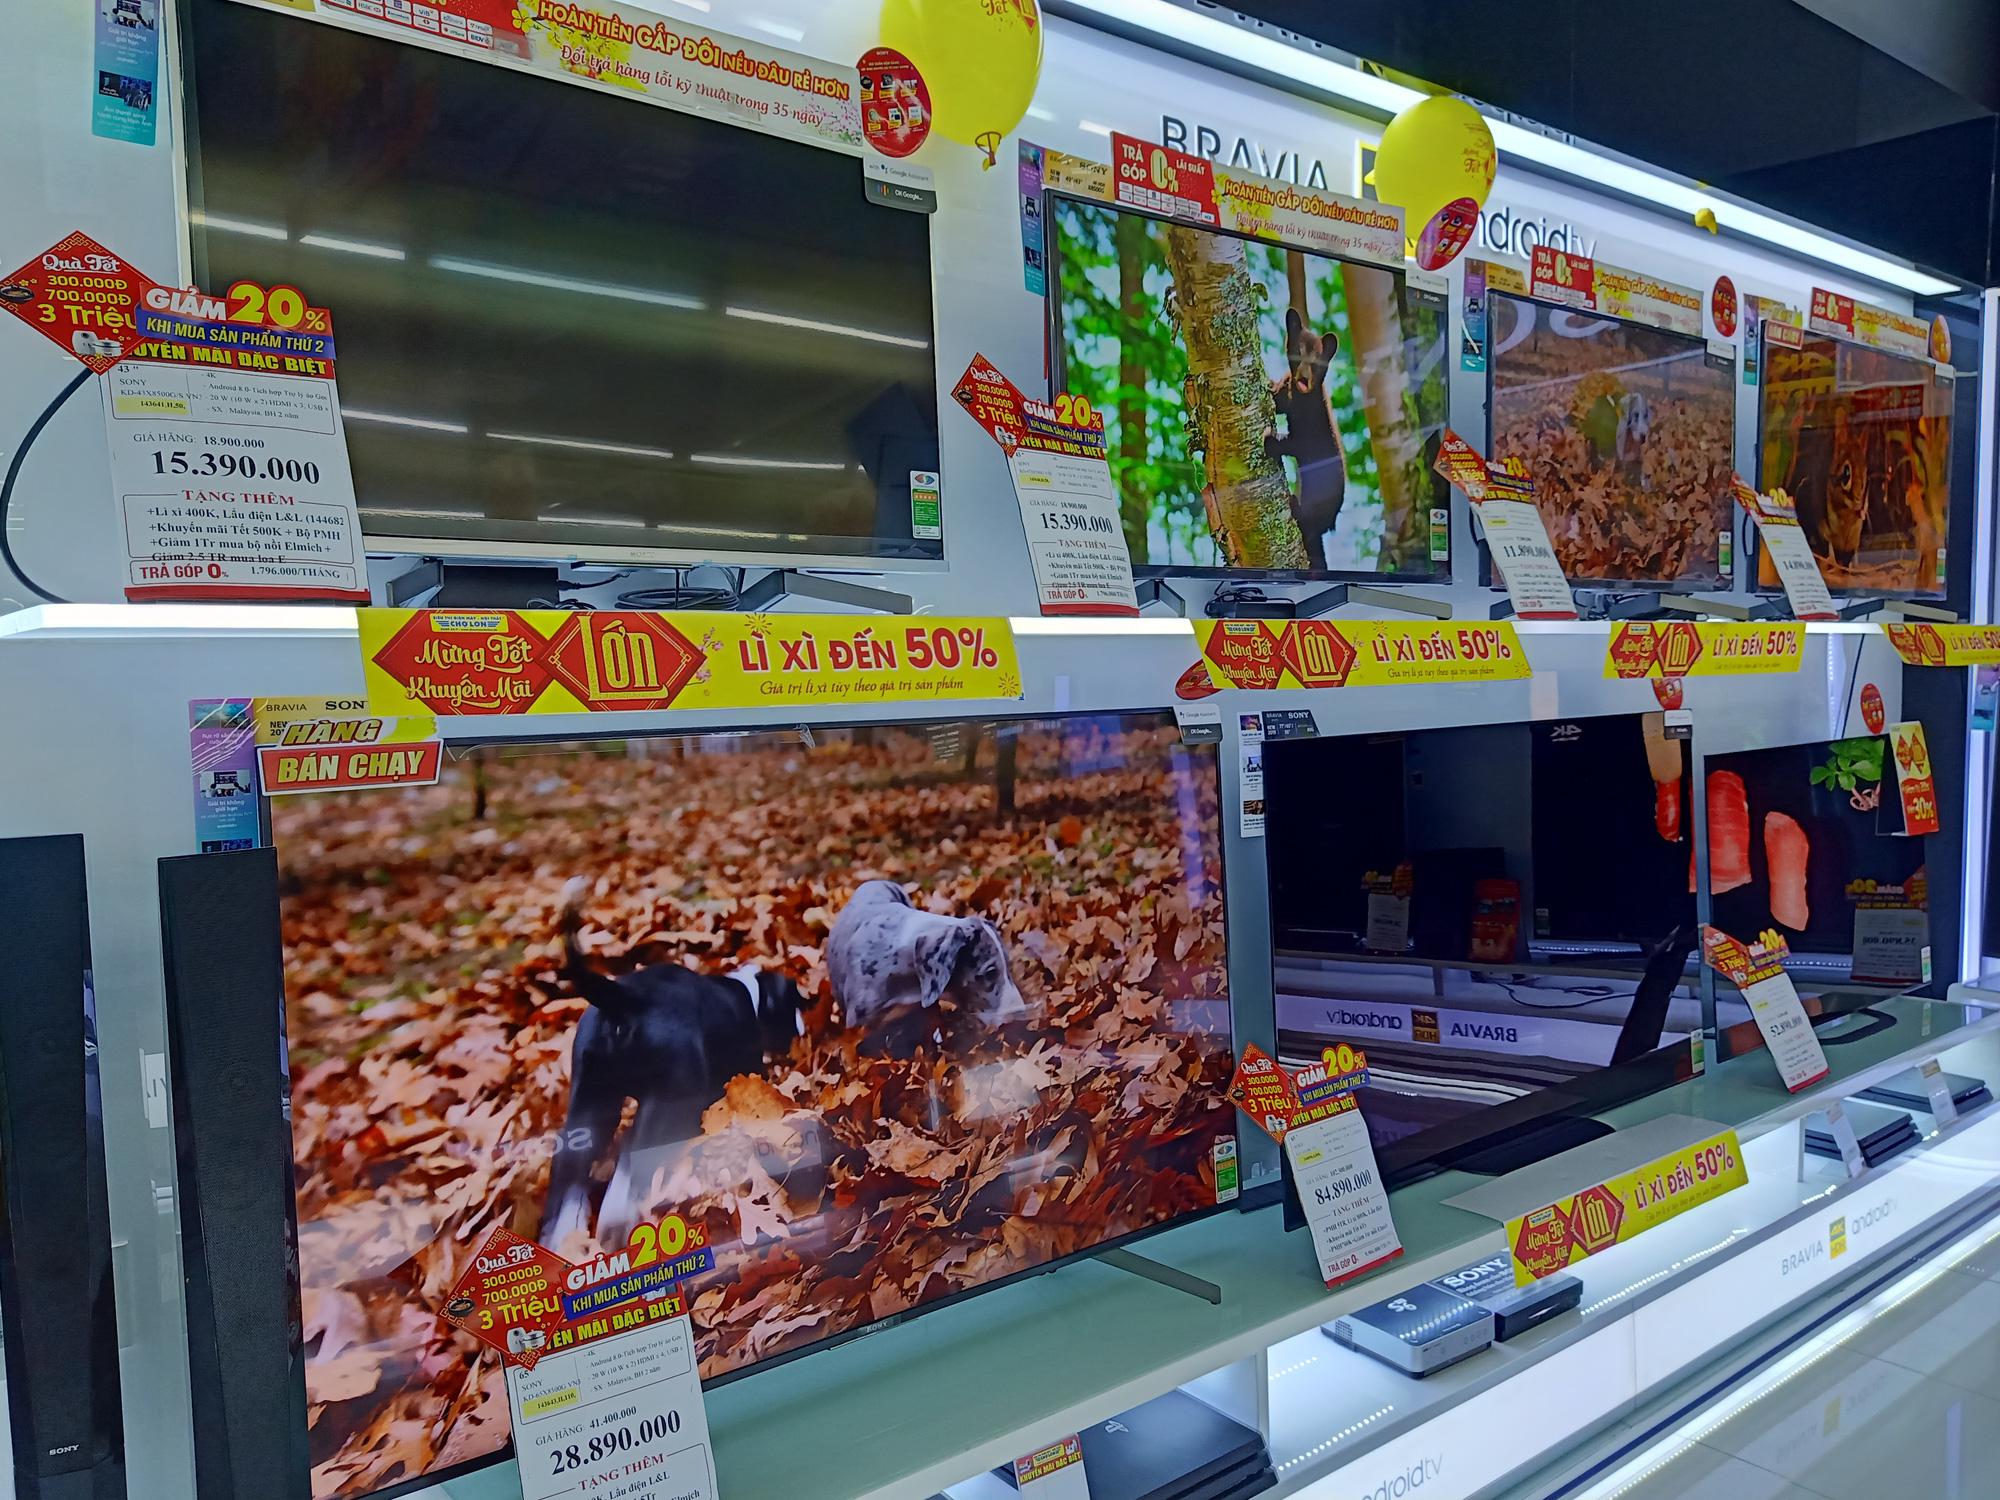 Tivi giảm giá tuần này: Nhiều sản phẩm giá tốt trong dịp cận Tết - Ảnh 3.